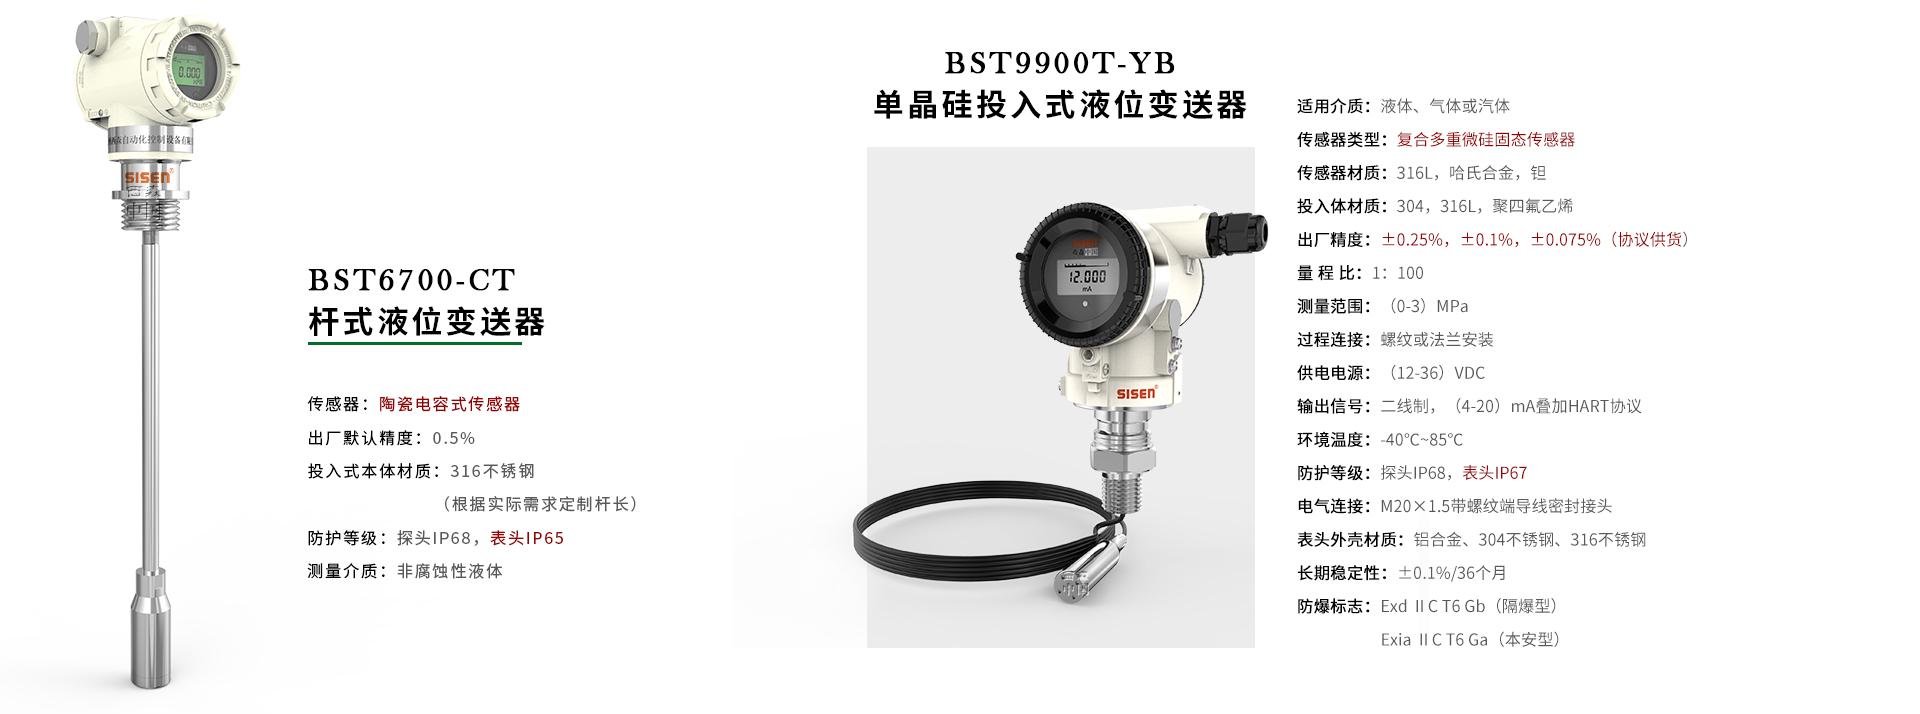 BST6700杆式液位变送器